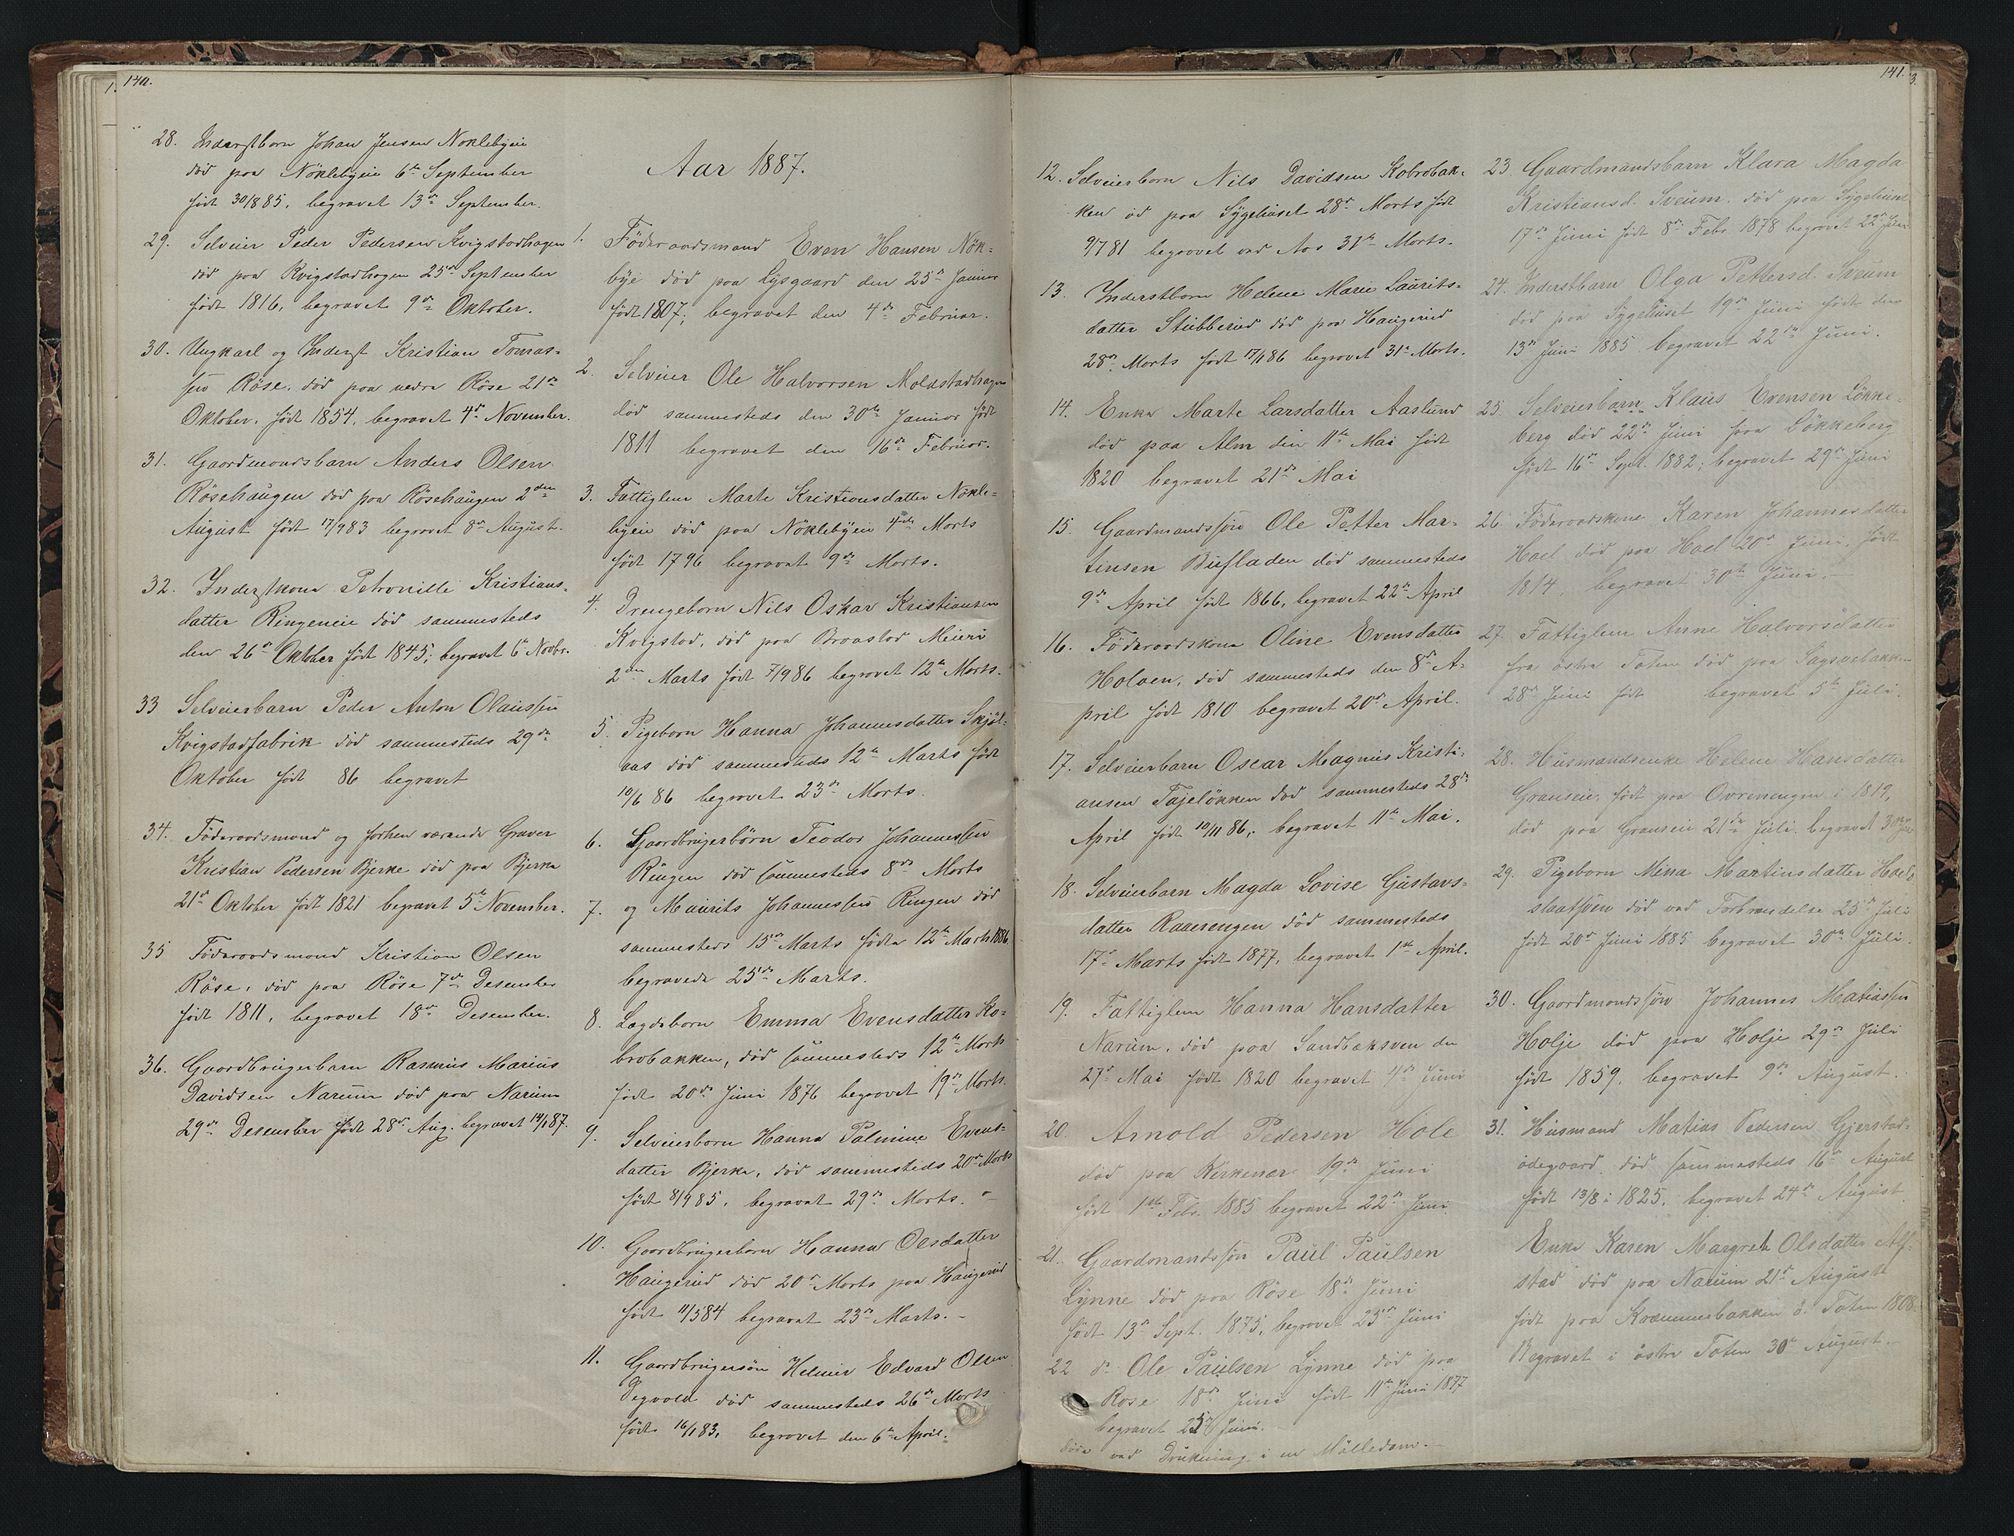 SAH, Vestre Toten prestekontor, H/Ha/Hab/L0007: Klokkerbok nr. 7, 1872-1900, s. 140-141